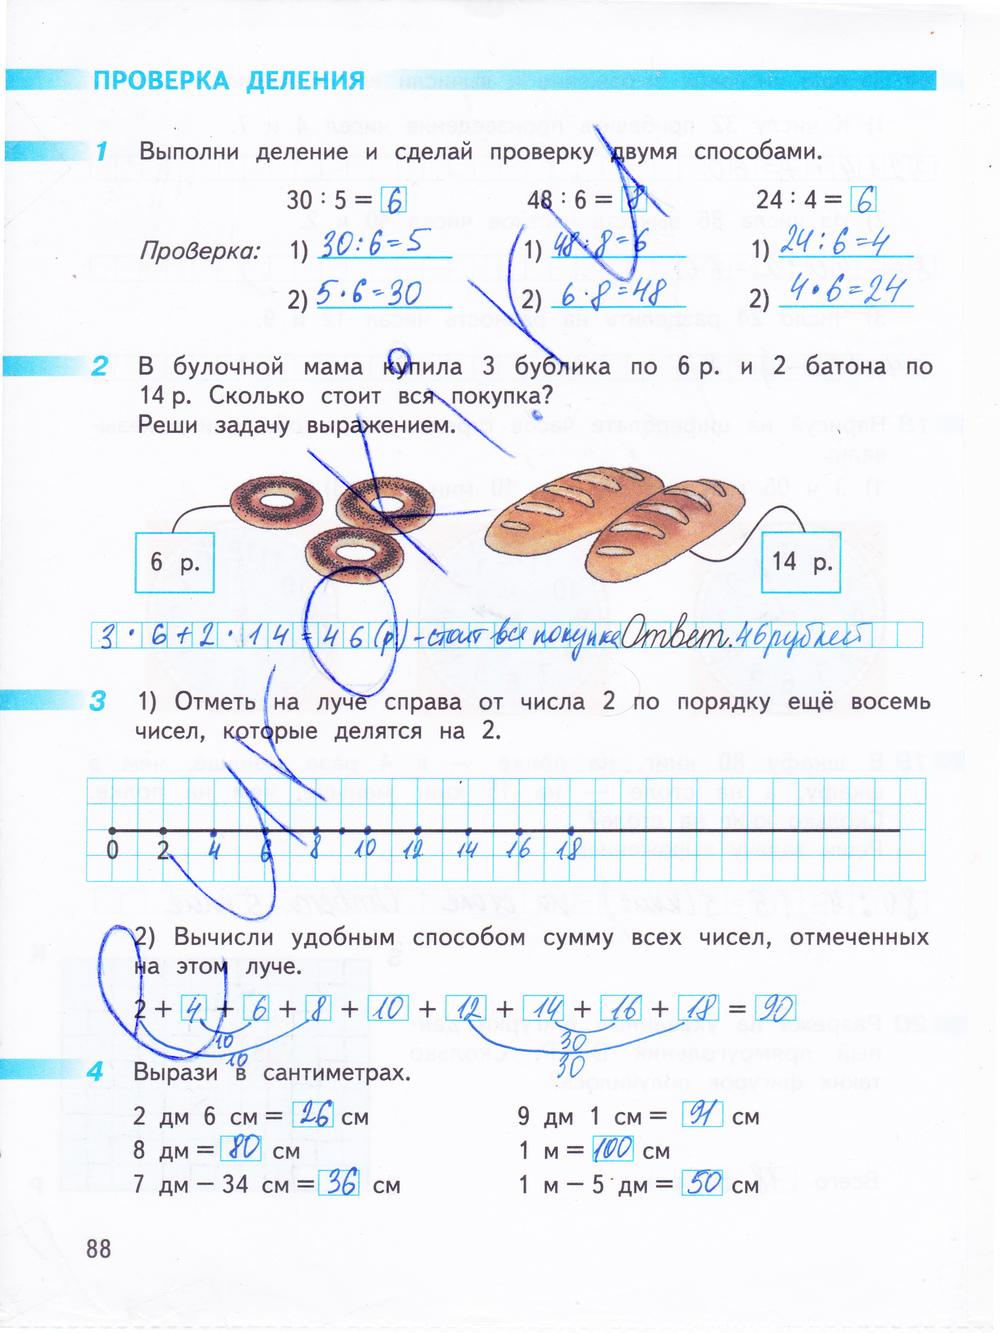 Решебник по математике рабочая тетрадь дорофеев миракова